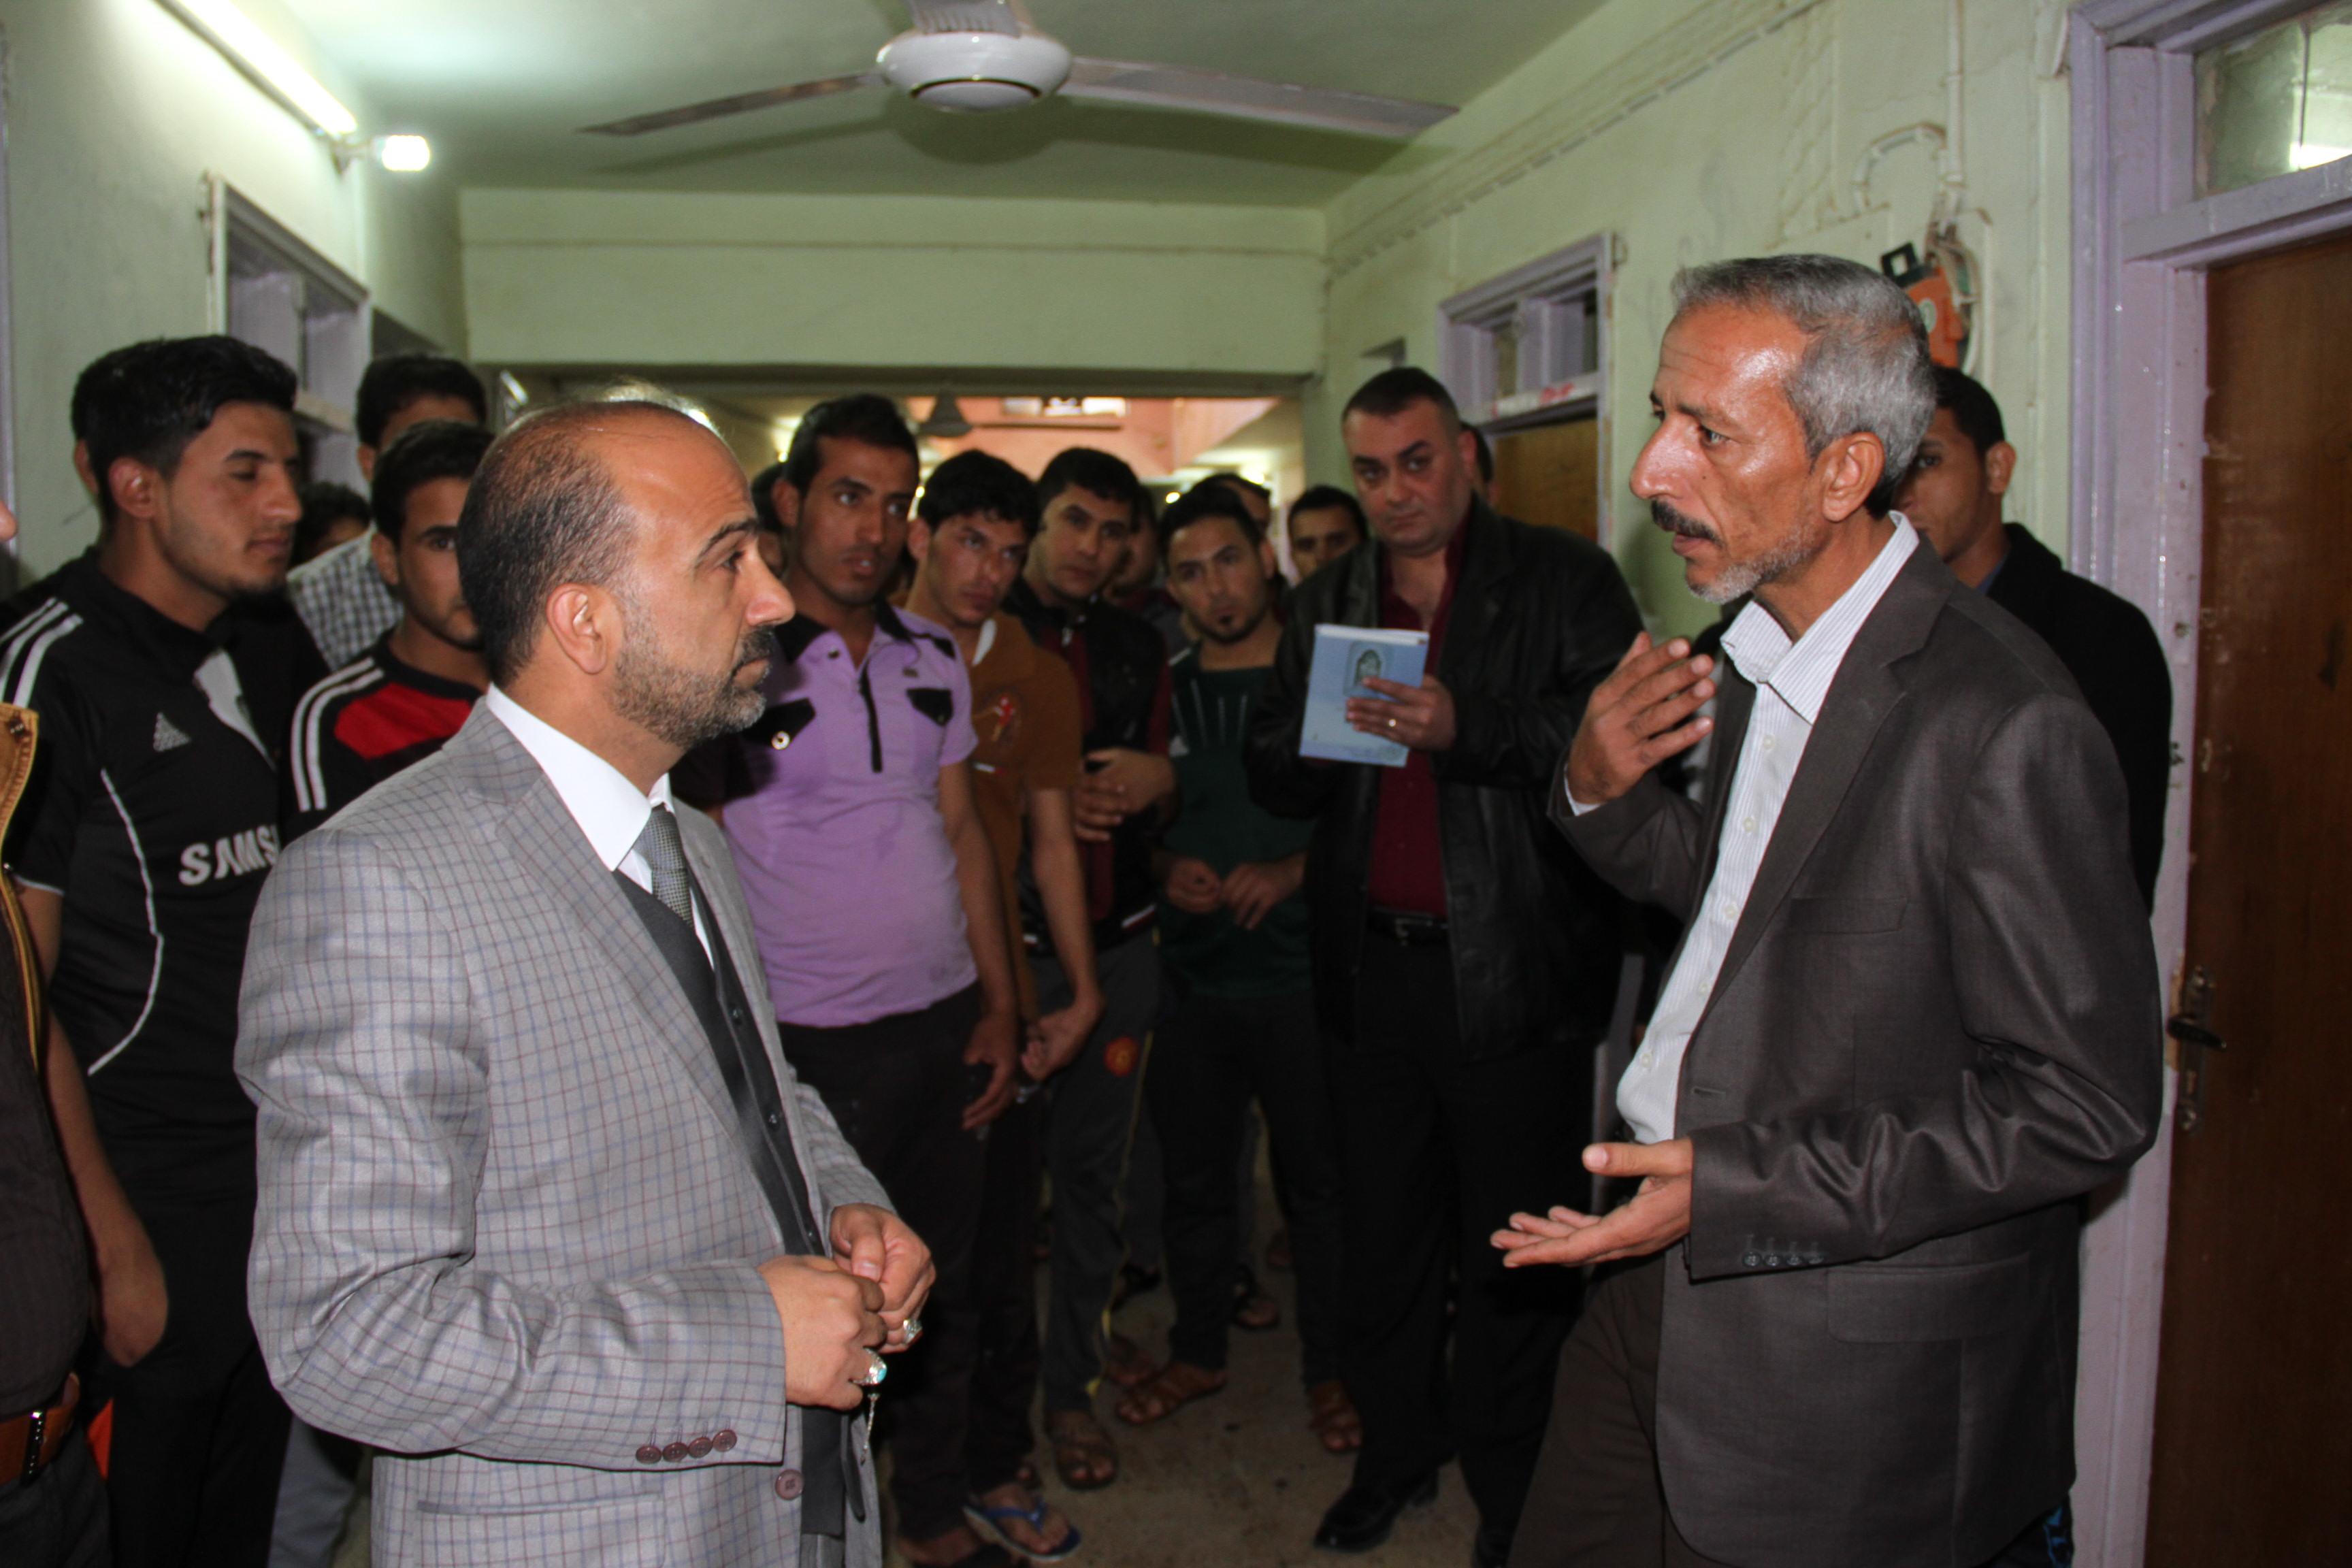 زيارة السيد عميد كلية القانون الى الاقسام الداخلية